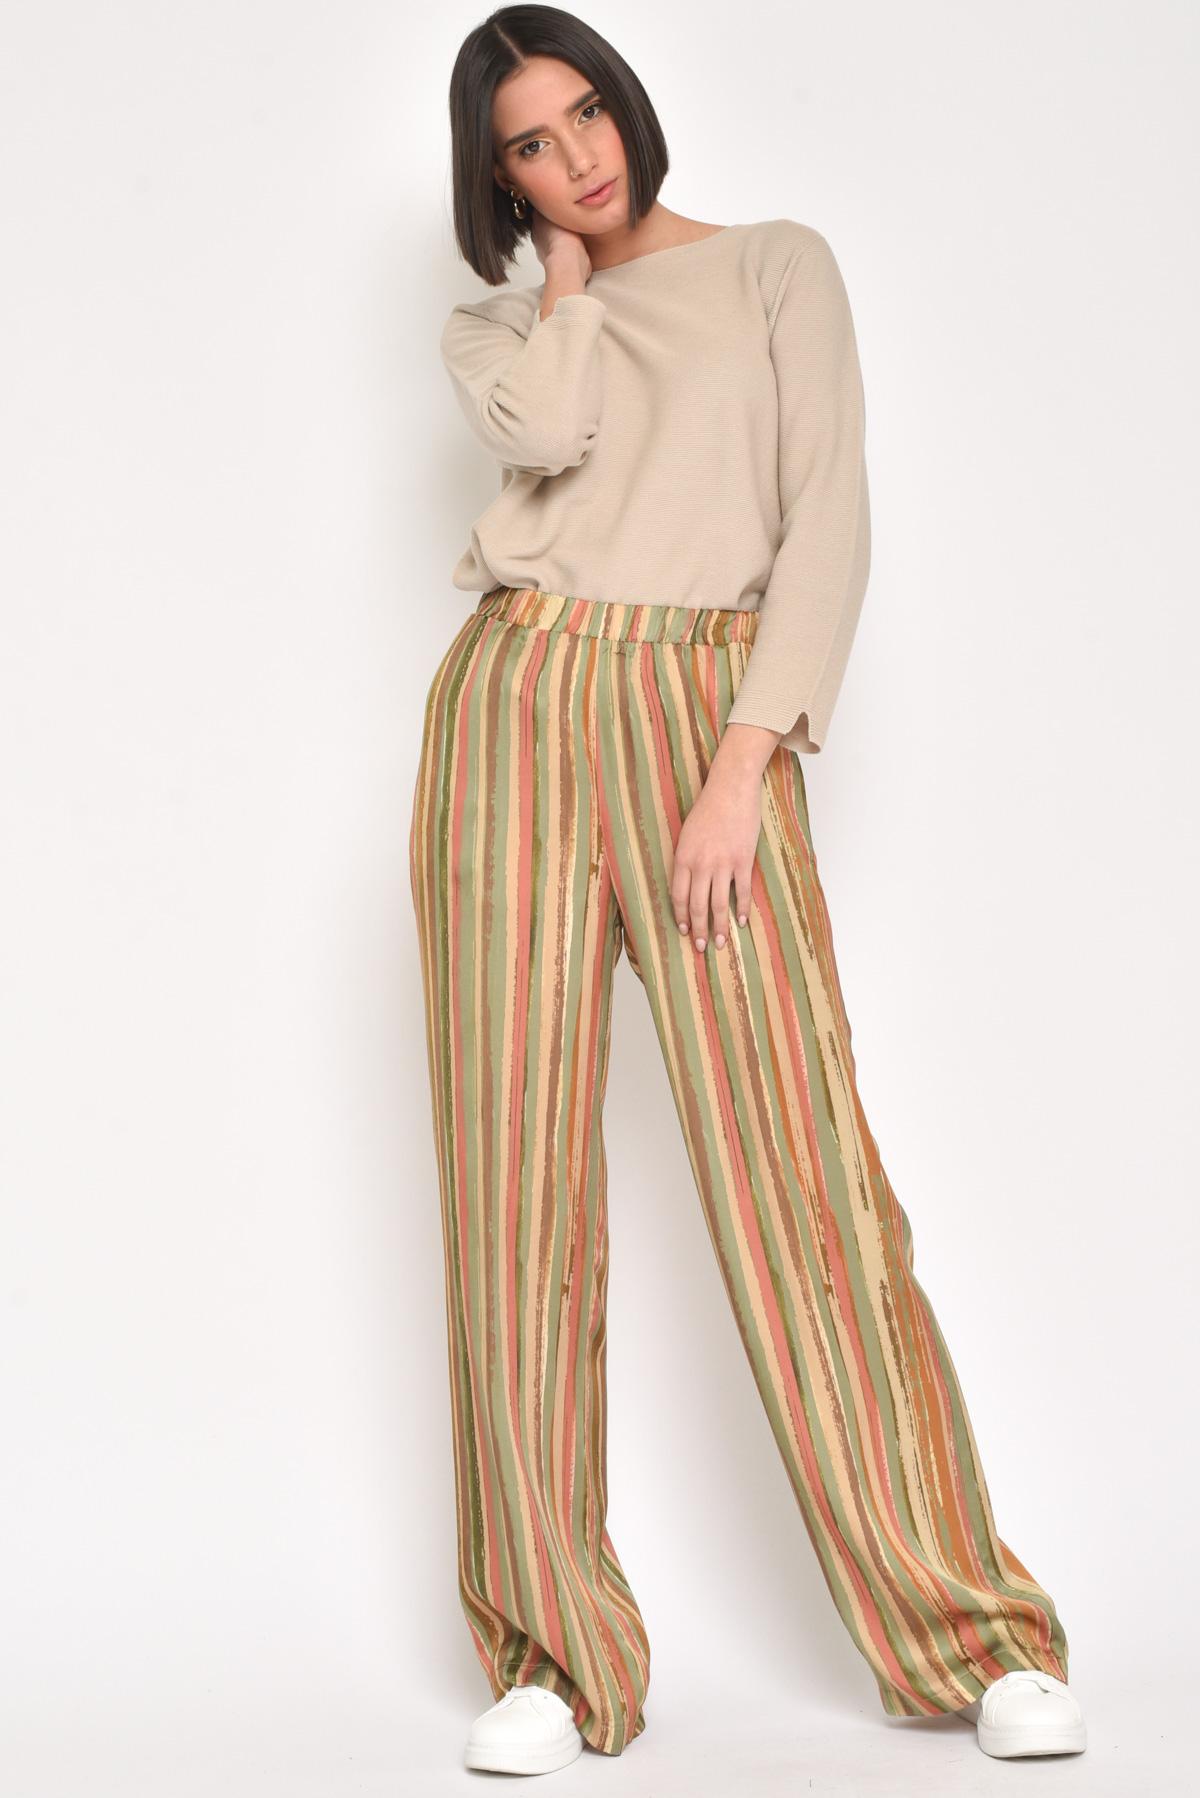 PANTALONI 100% VISCOSA IN RIGHE MULTICOLOR da donna - ARANCIO - Paquito Pronto Moda Shop Online